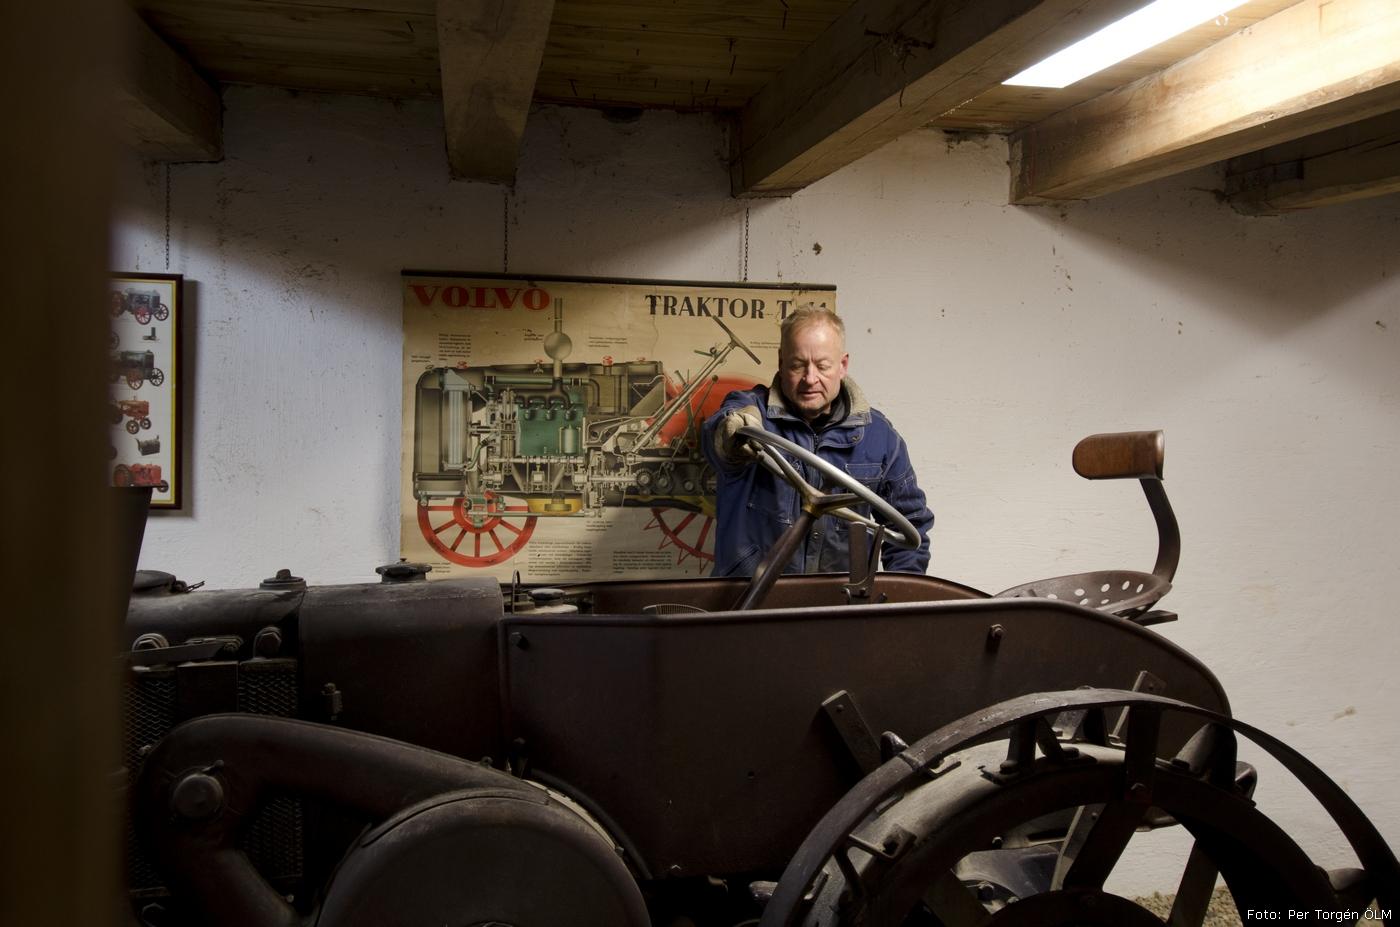 2012-02-10_024_Tekniska_kvarnen